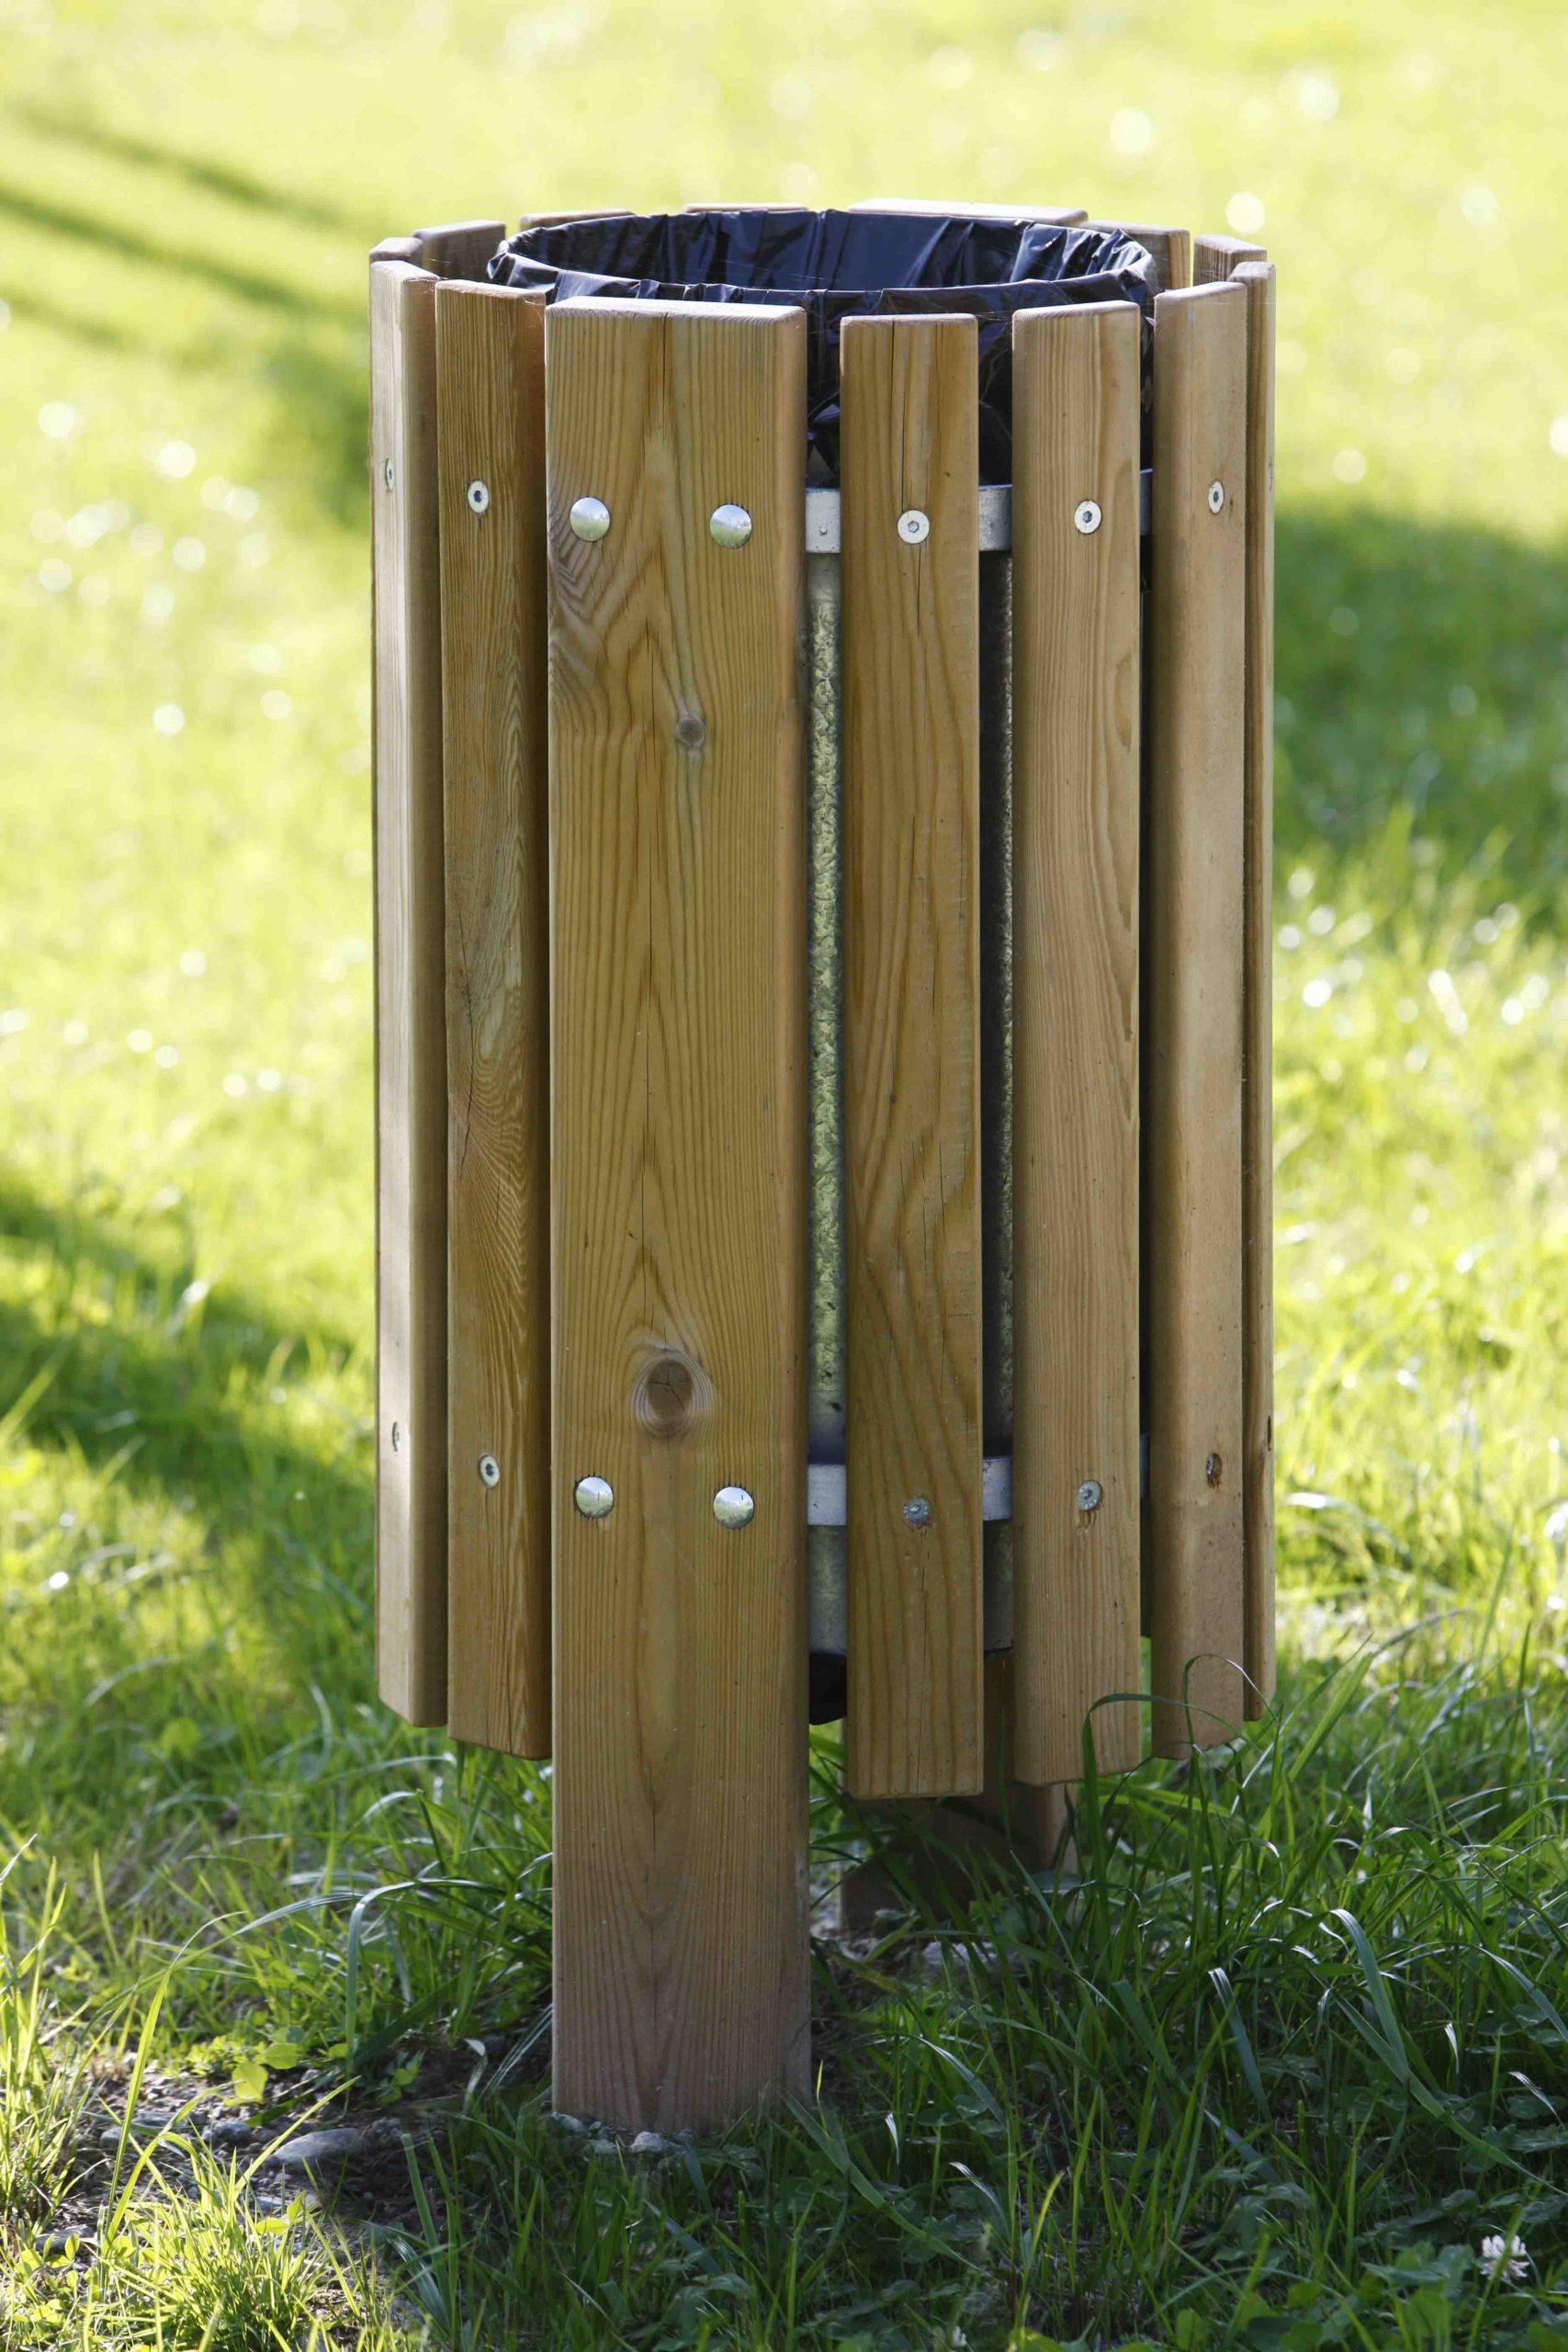 Cestino in legno di pino impregnato e acciaio zincato realizzato da Linea Montanalegno - ILT